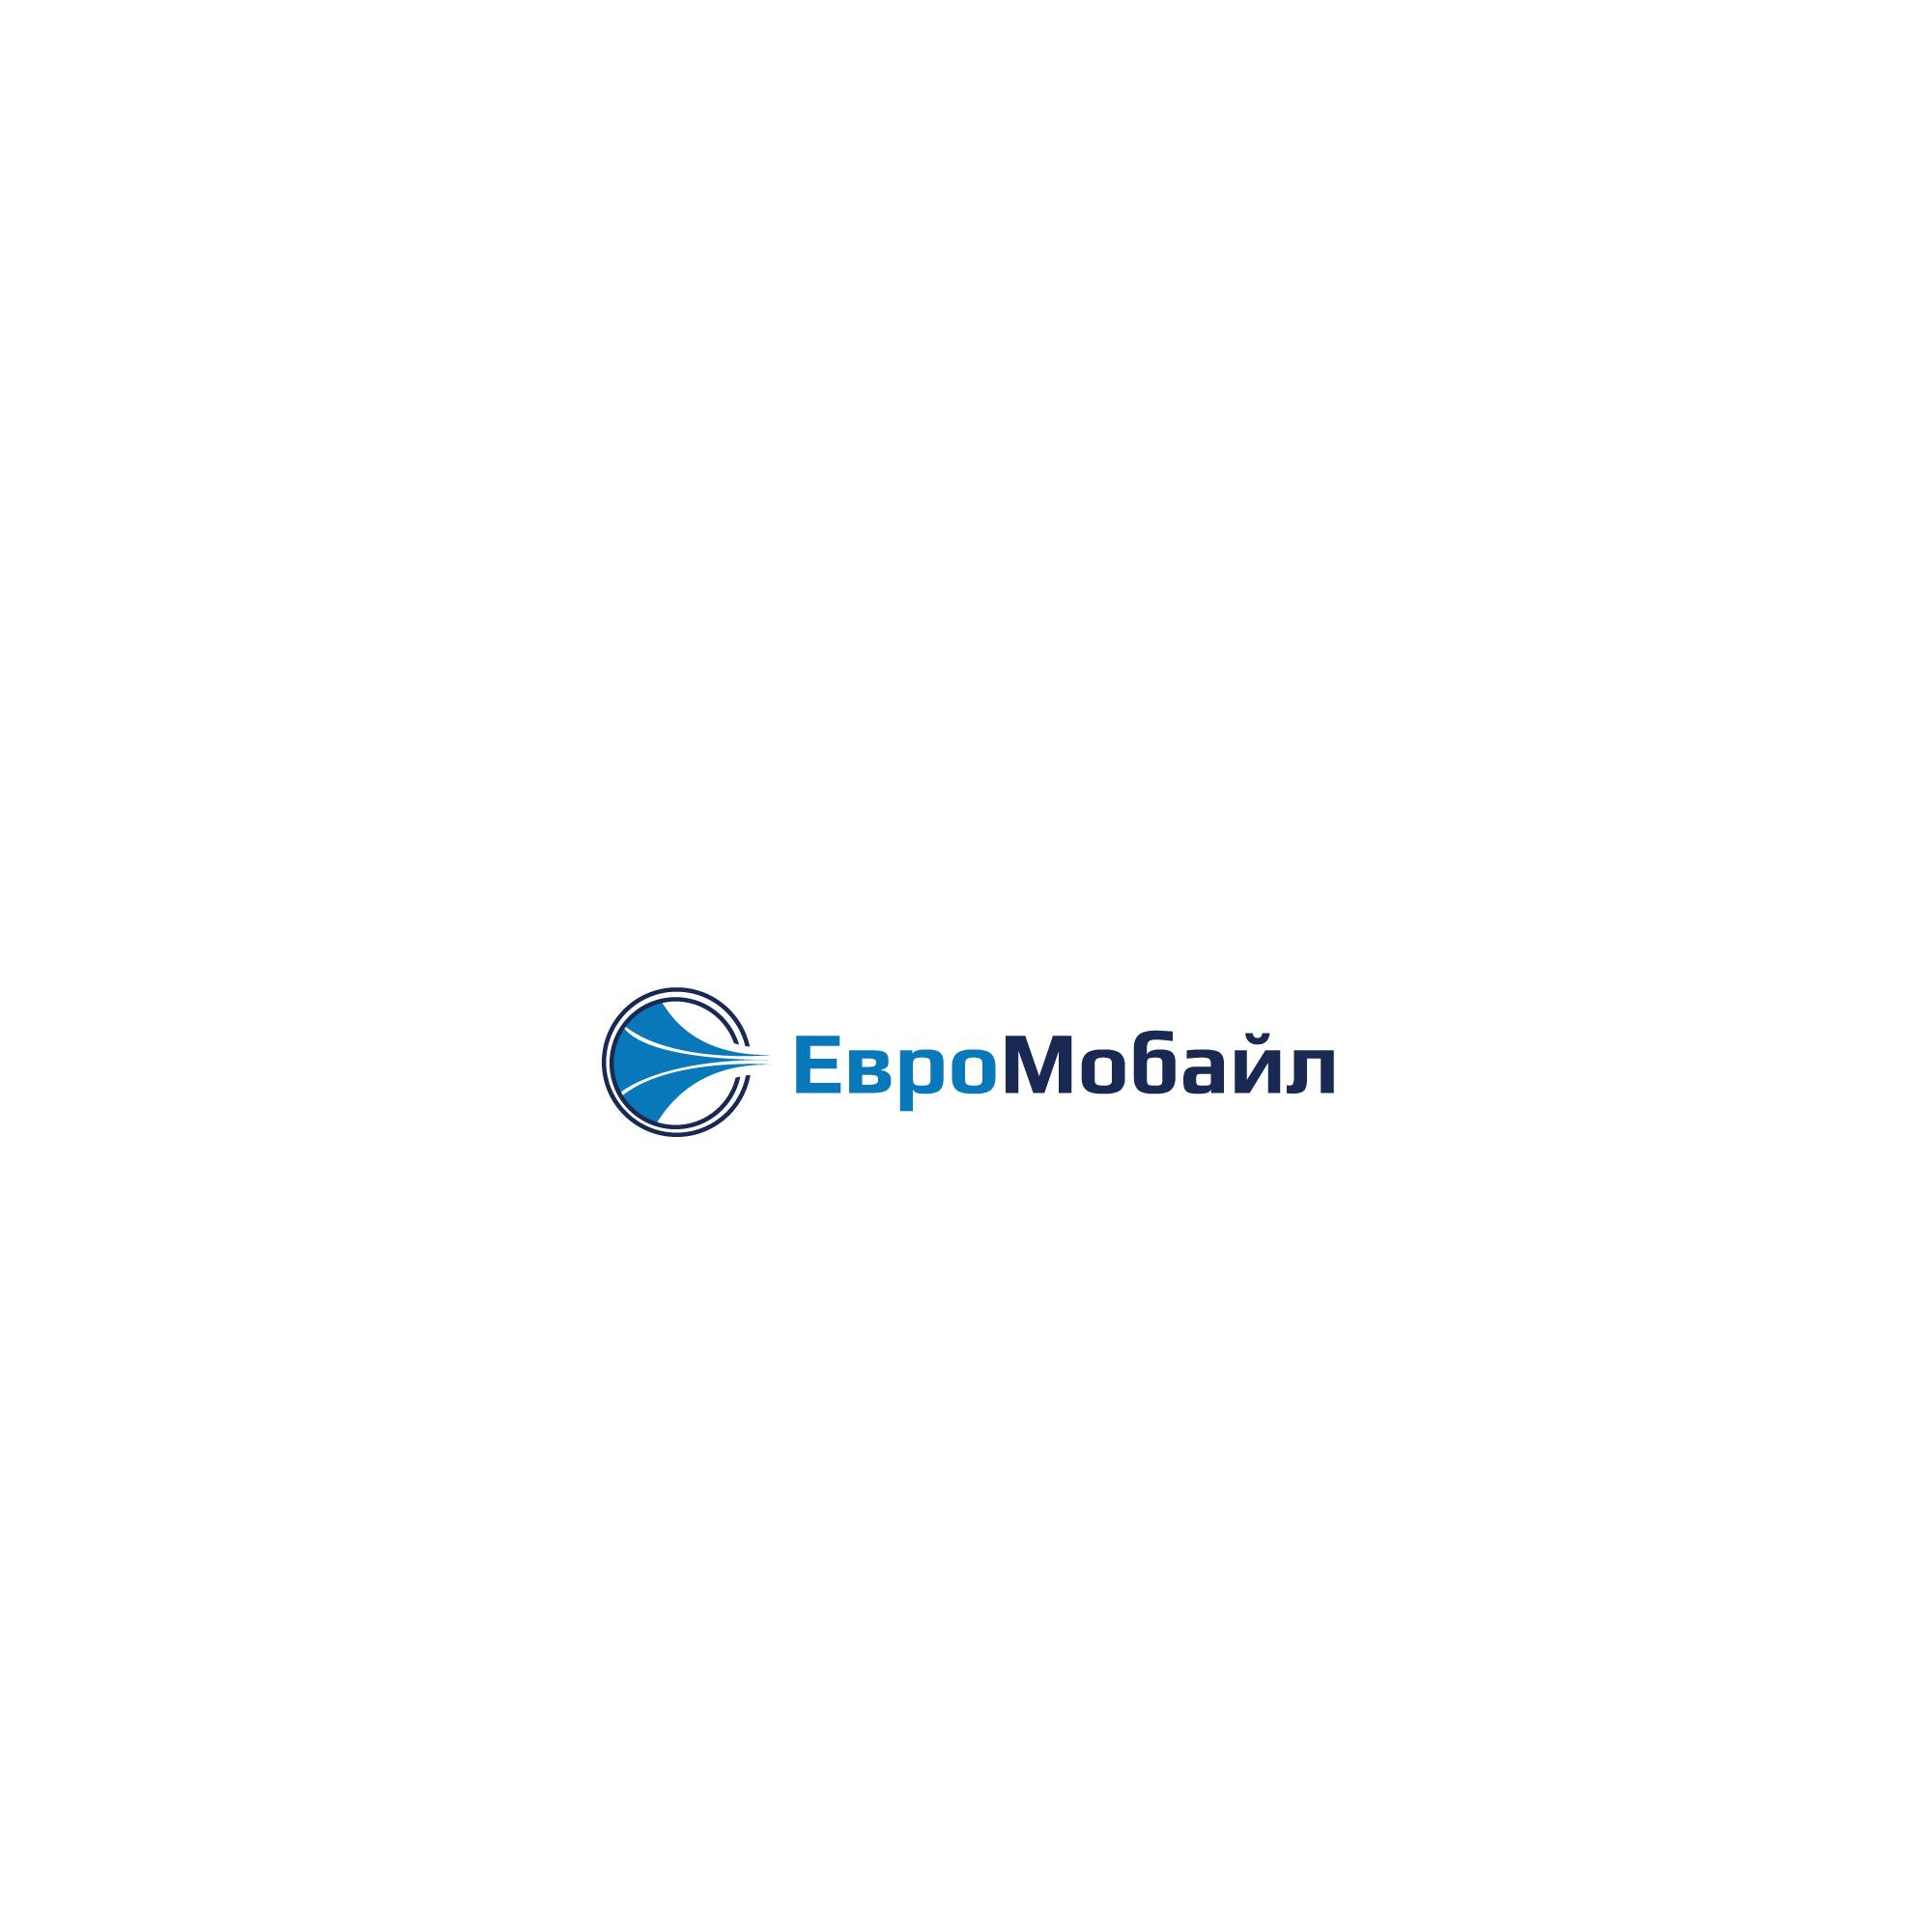 Редизайн логотипа фото f_64059c8b7556df40.jpg